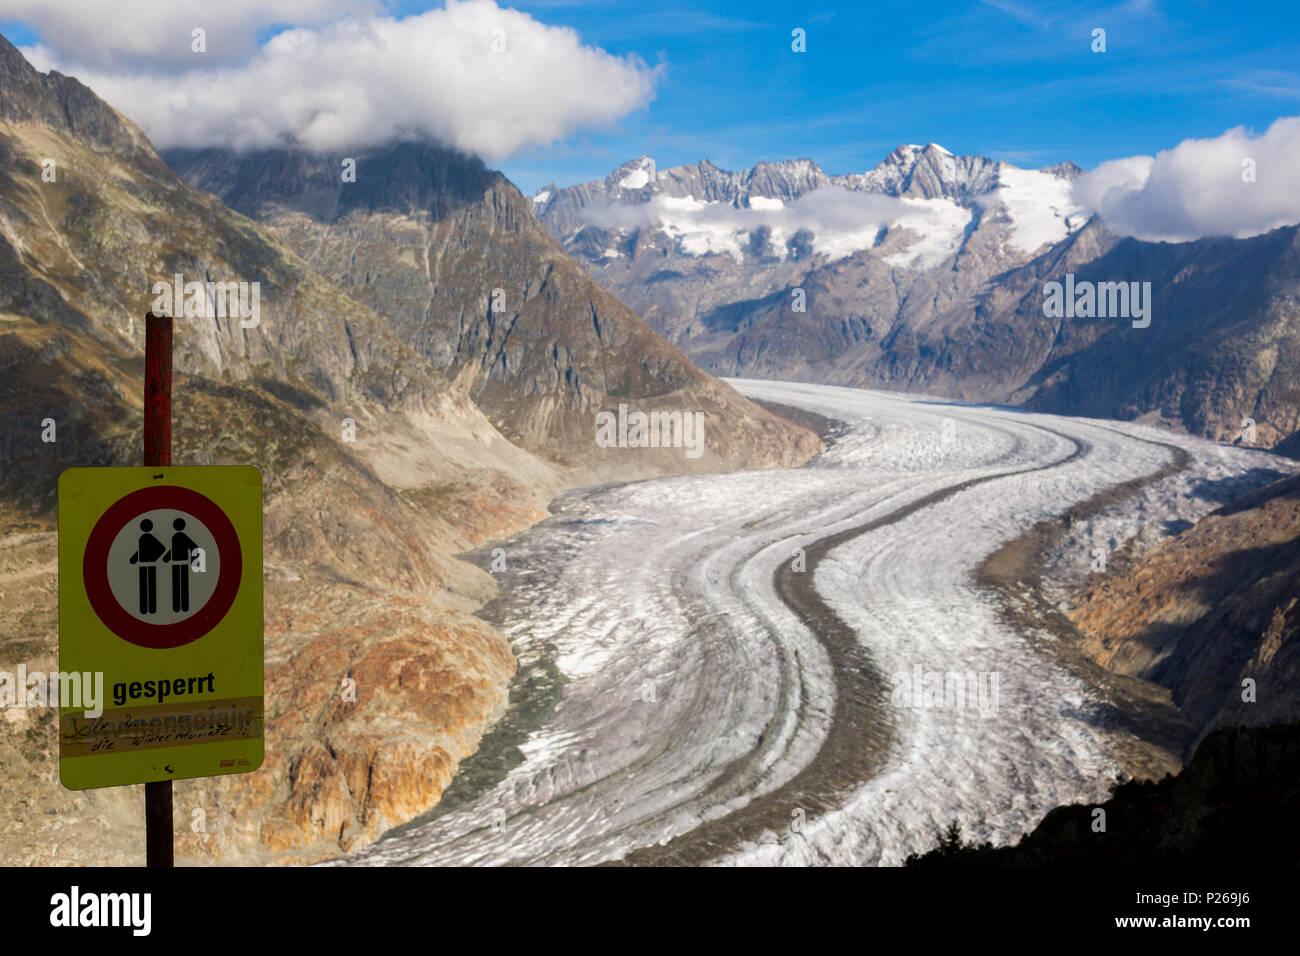 Riederalp, Switzerland, the Aletsch glacier - Stock Image